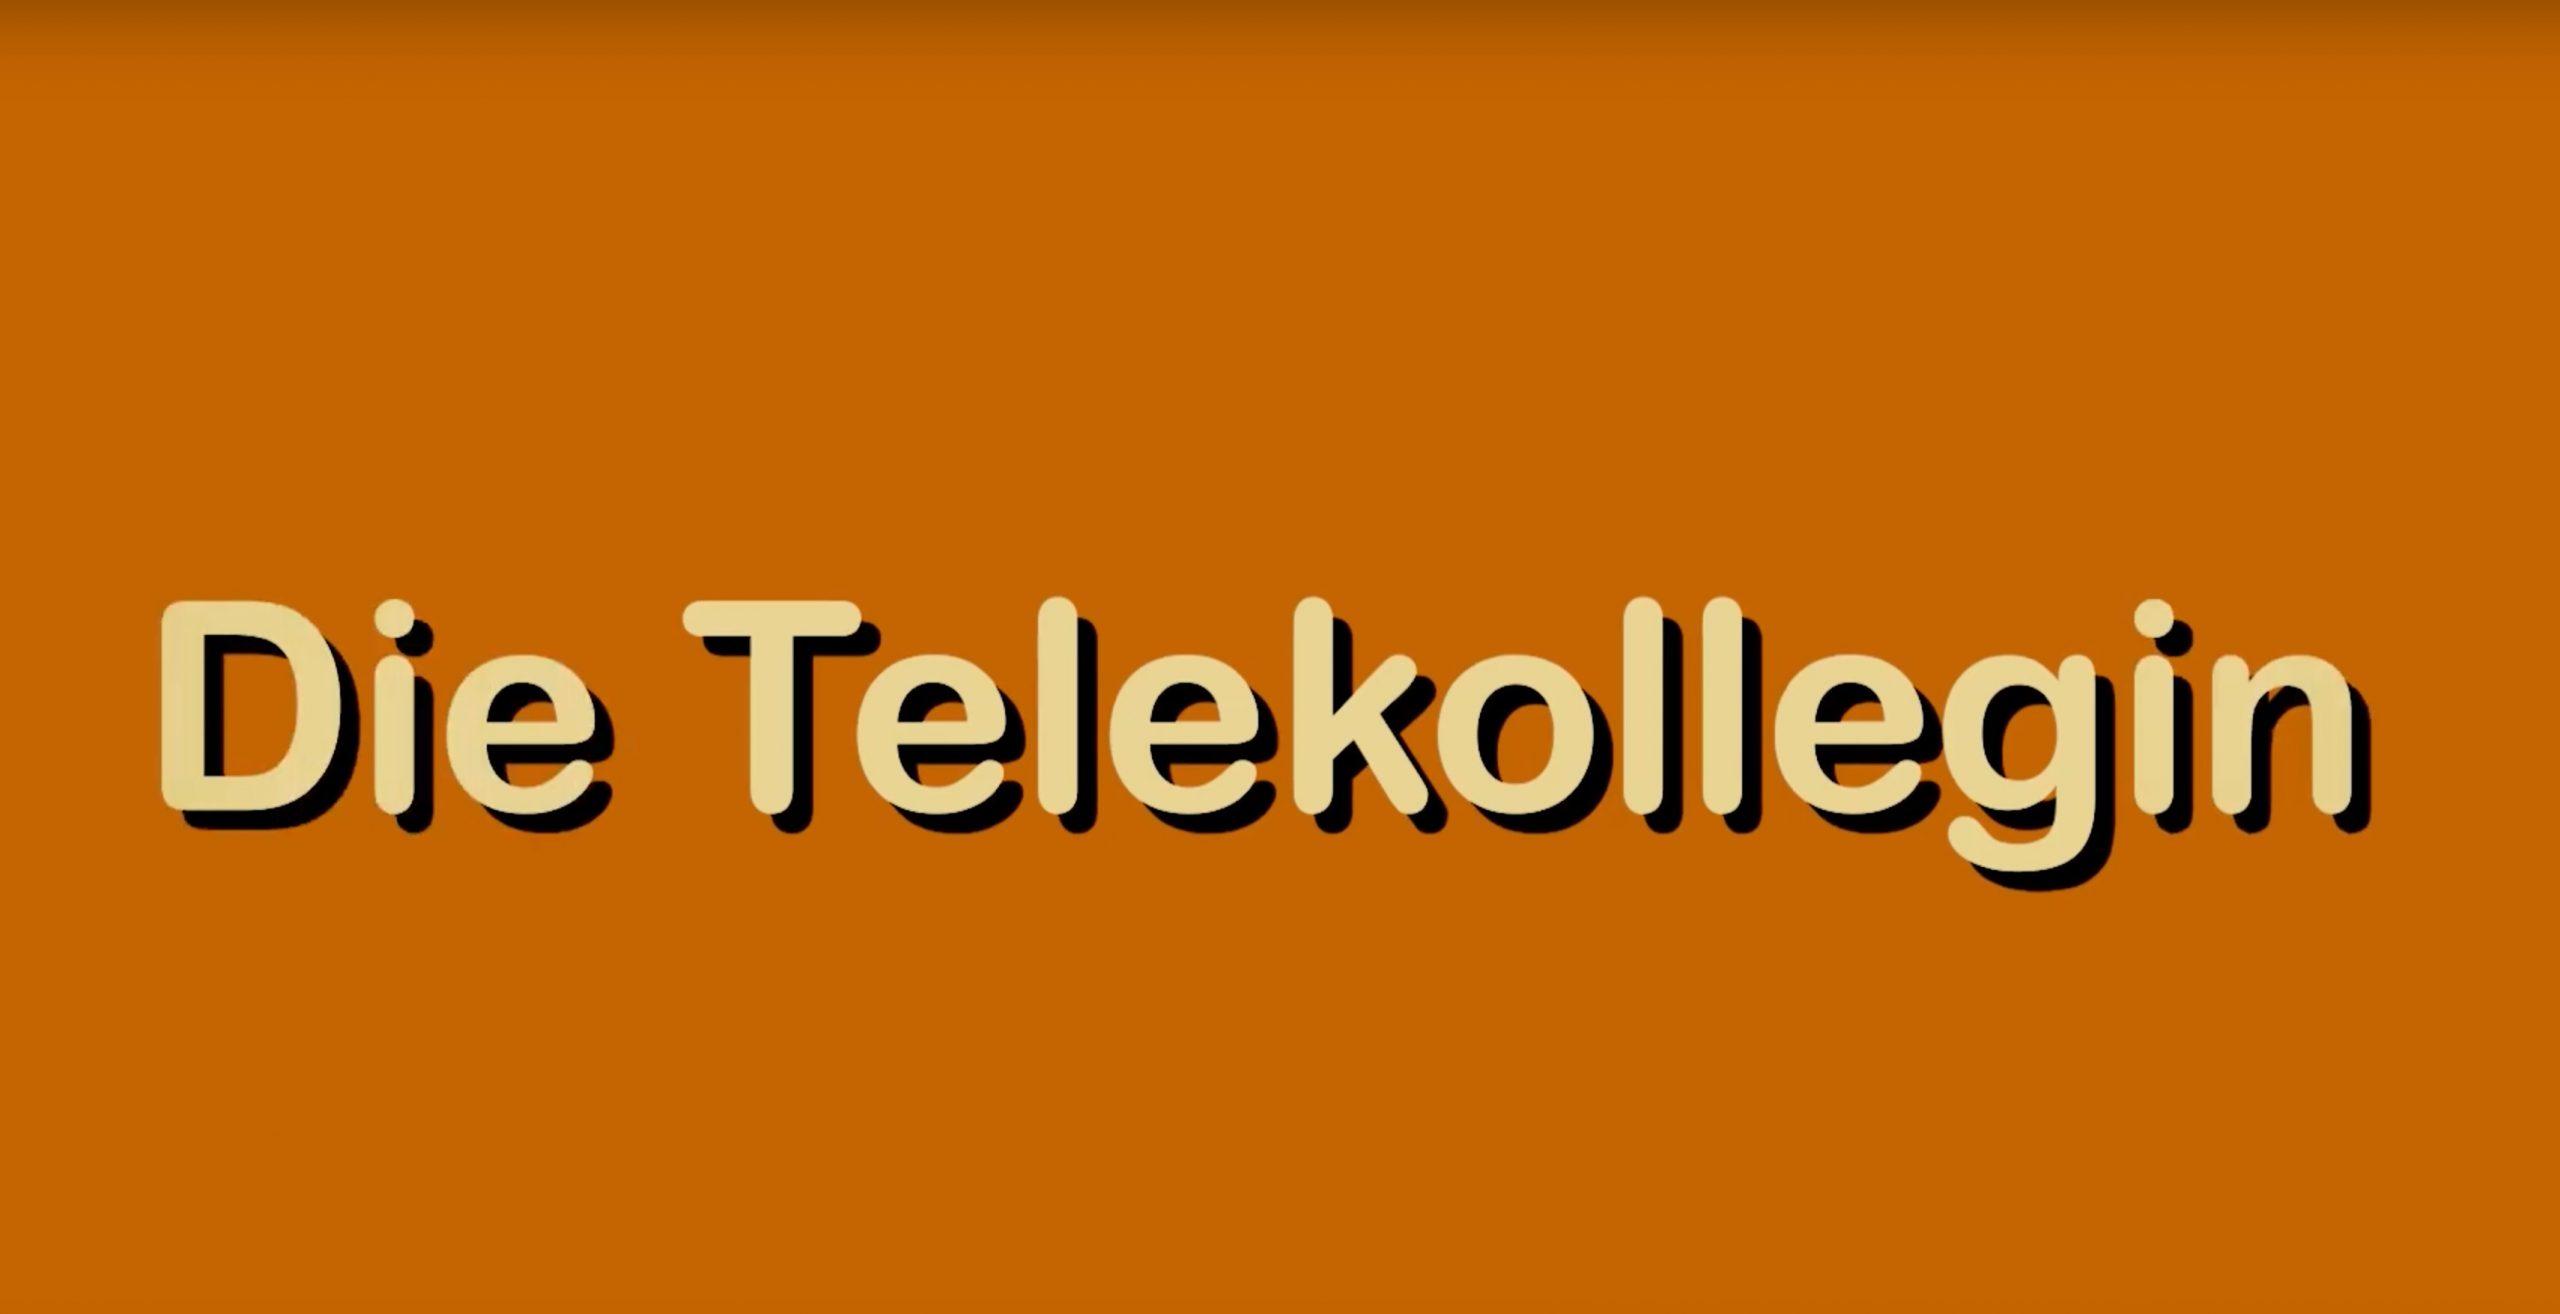 Vorschau für Video Telekollegin